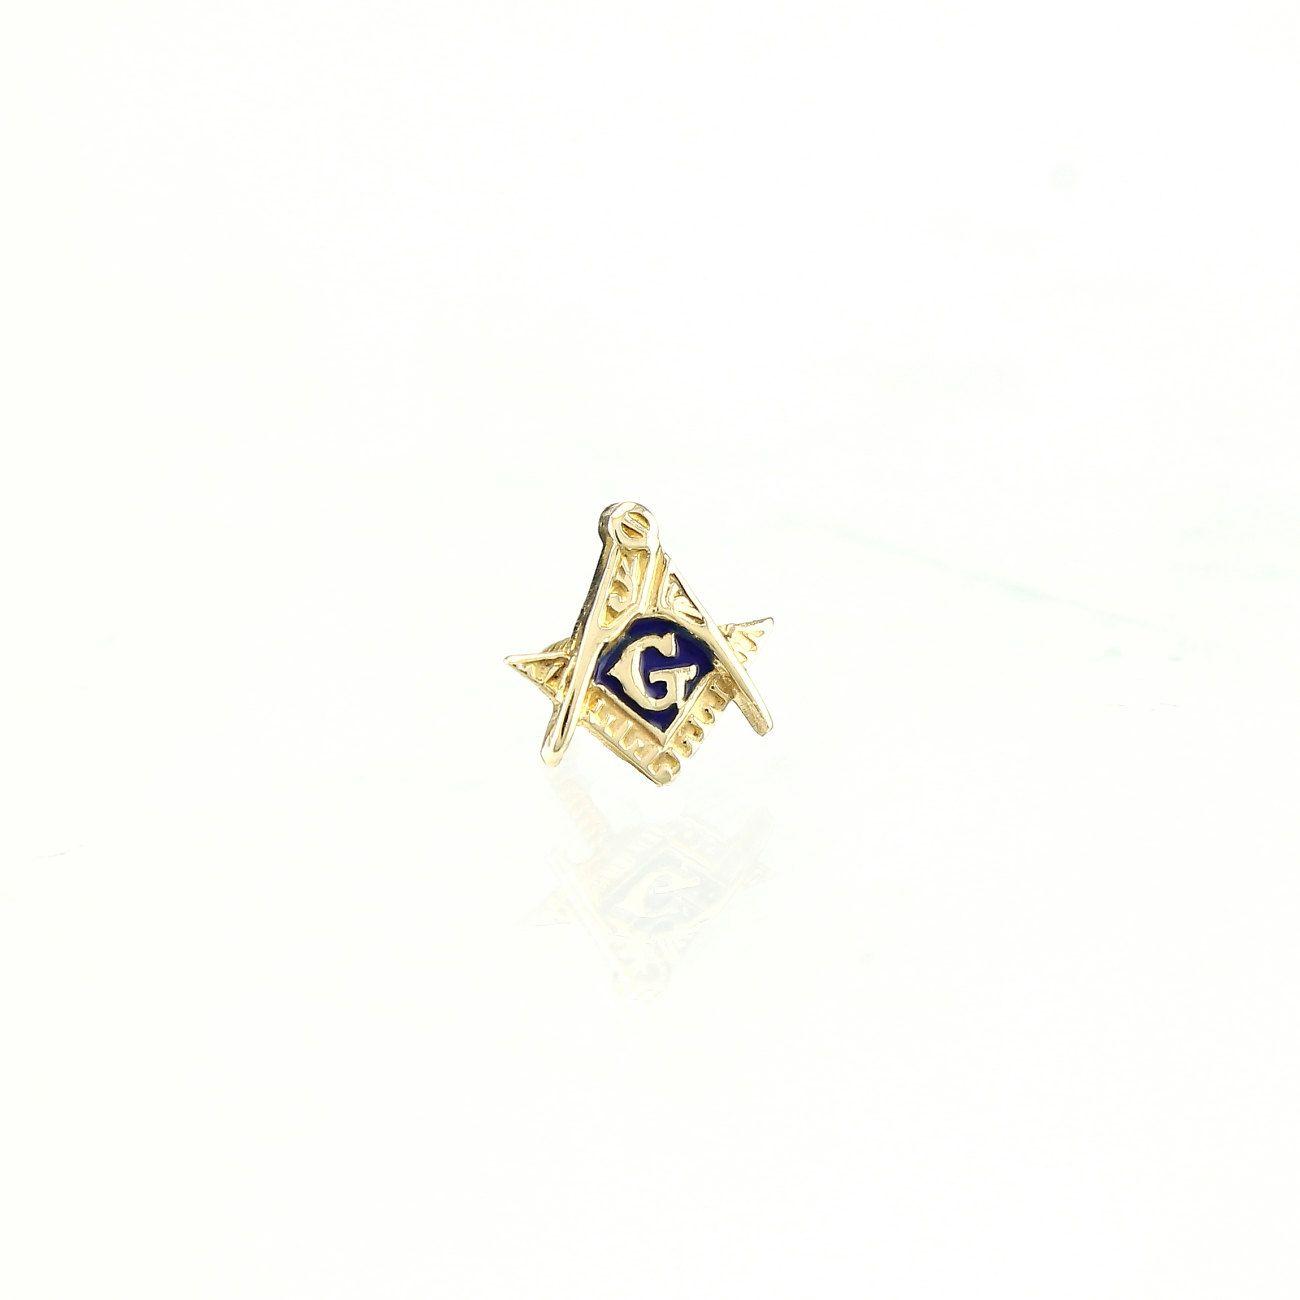 Masonic Pin - 10K Gold Vintage by VintageMasonry on Etsy